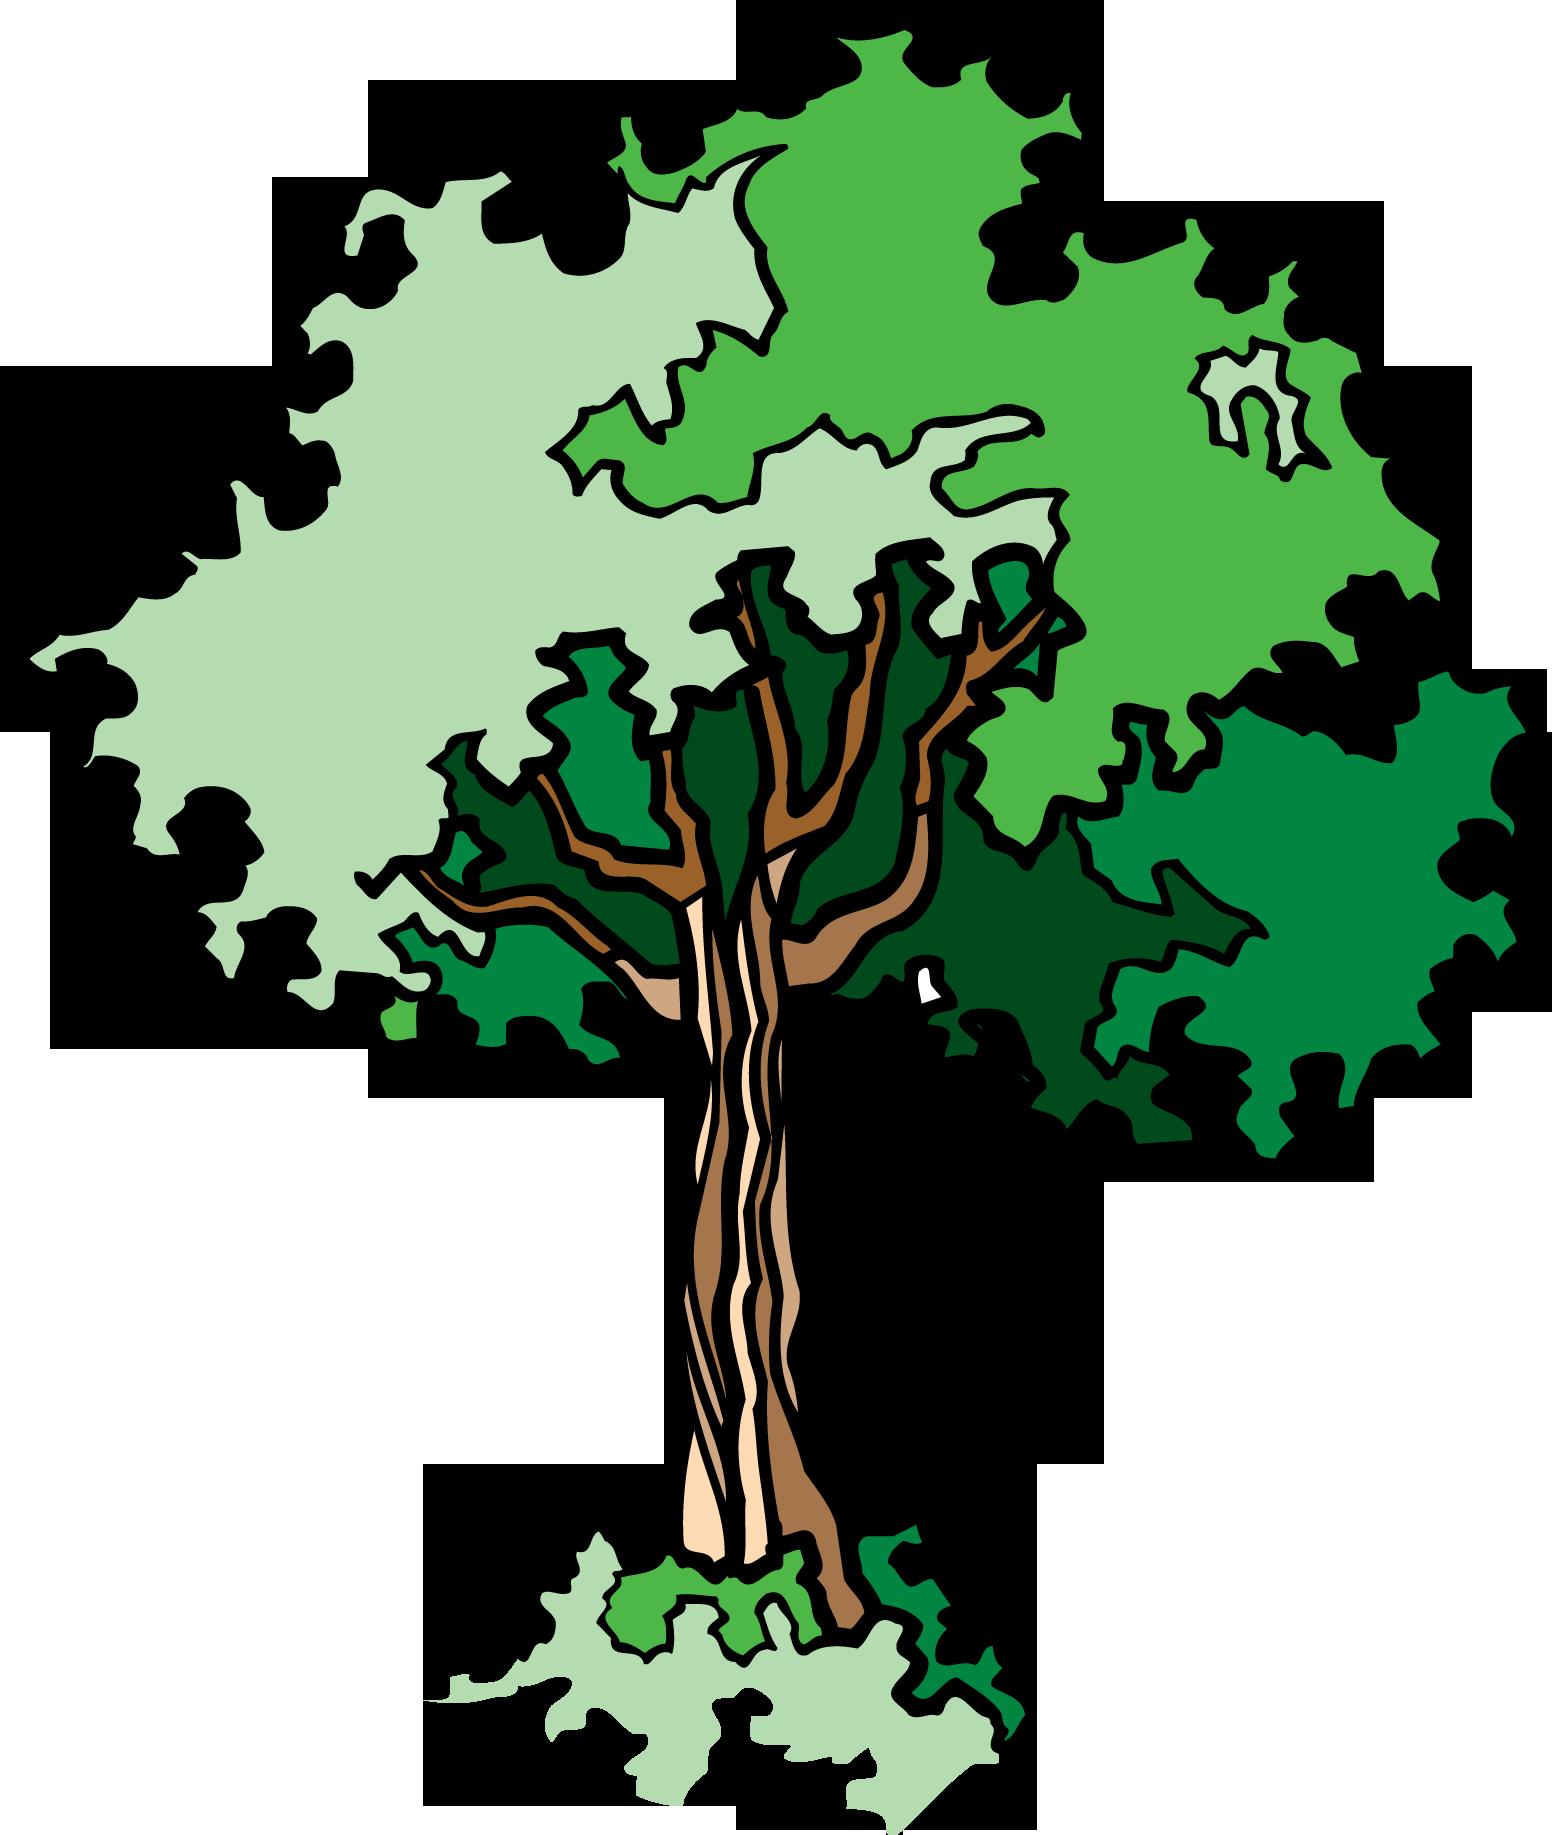 14 мая Всероссийский день посадки леса. Дерево